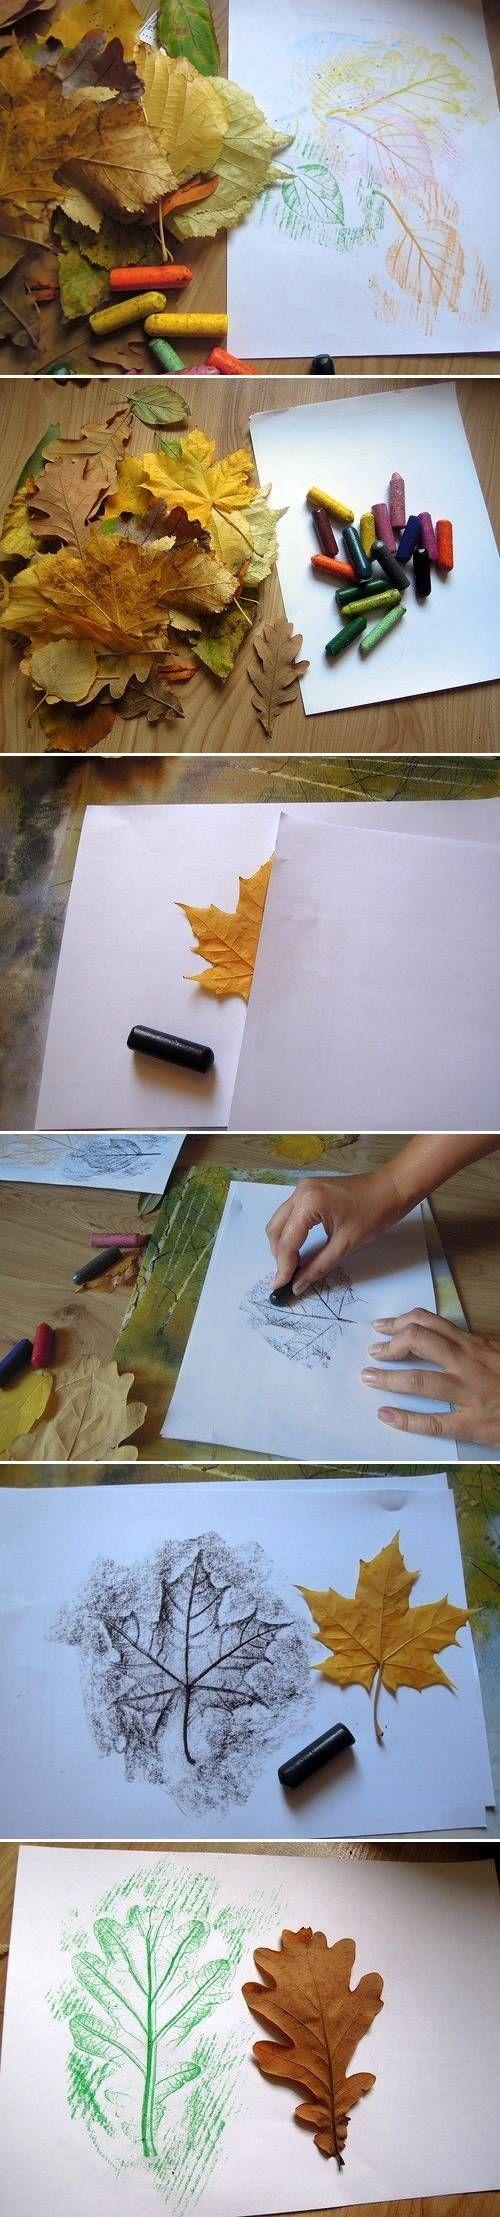 Esse é um ótimo passatempo para as crianças! Elas vão se apaixonar pela mágica que acontece pelo simples passar do giz de cera sobre o papel. Misture folhas de árvores secas de vários tipos para obter incríveis variações.